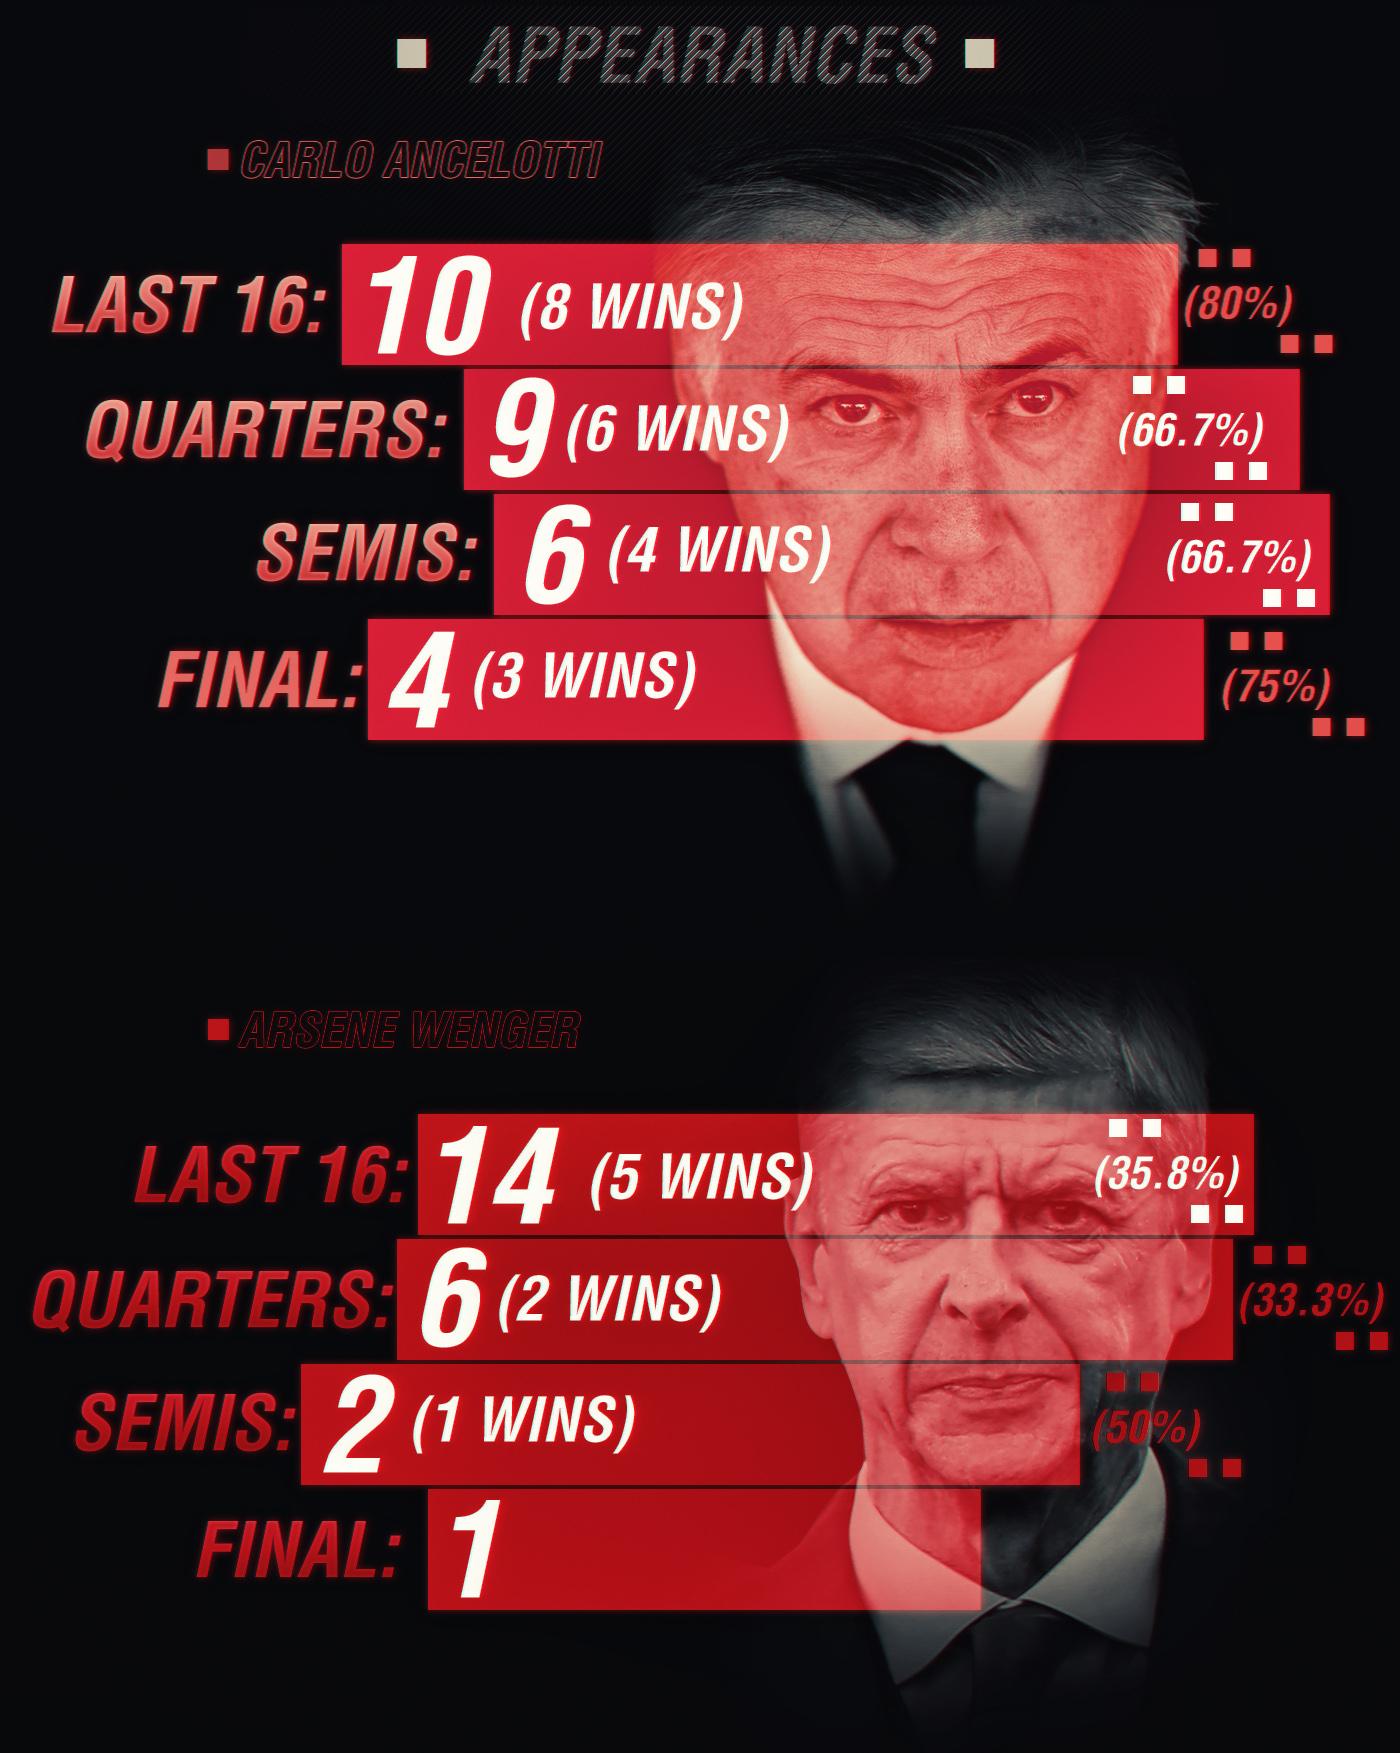 Ancelotti v Wenger